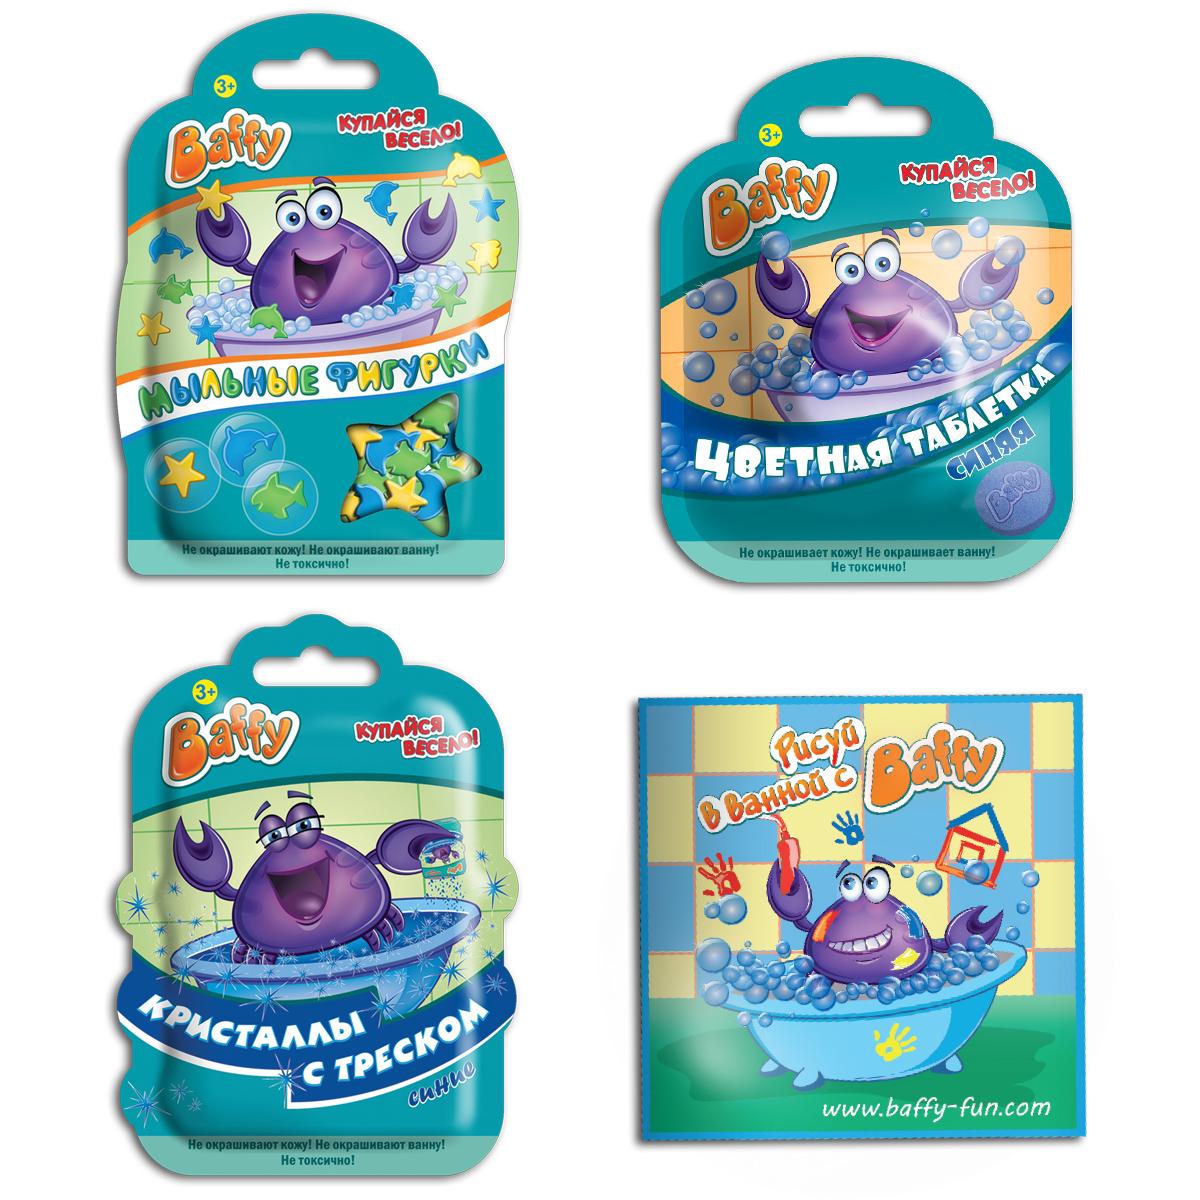 Baffy Набор средств для купания и веселья в ванной Party Set для мальчиковD0108Набор Baffy Party Set для веселья в ванной для мальчиков станет прекрасным подарком вашему ребенку к любому празднику! В комплект входит набор мыльных фигурок, цветная таблетка, два пакетика кристаллов с треском разных цветов и оригинальный стикер. Цветная таблетка окрасит воду, кристаллы с треском будут удивительно потрескивать при взаимодействии с водой, а мыльные фигурки можно клеить на нежную детскую кожу, украшать стенку ванны, высыпать в воду и играть с ними.С таким набором любое купание превратится в увлекательную и веселую игру!Товар сертифицирован.